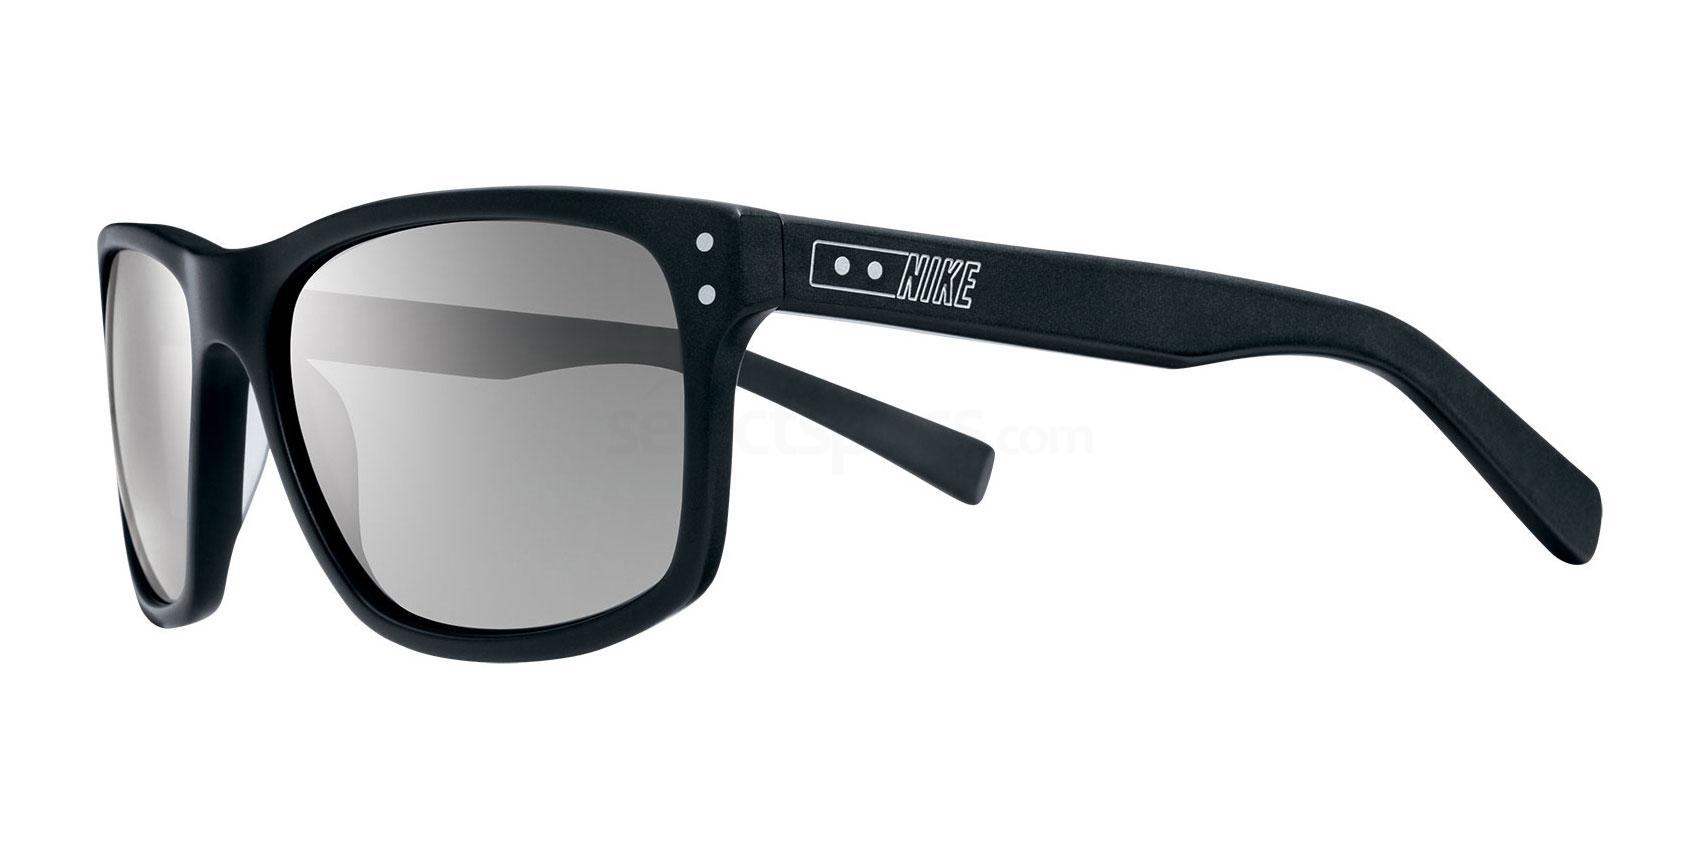 002 VINTAGE 80 EV0632 (2/2) Sunglasses, Nike